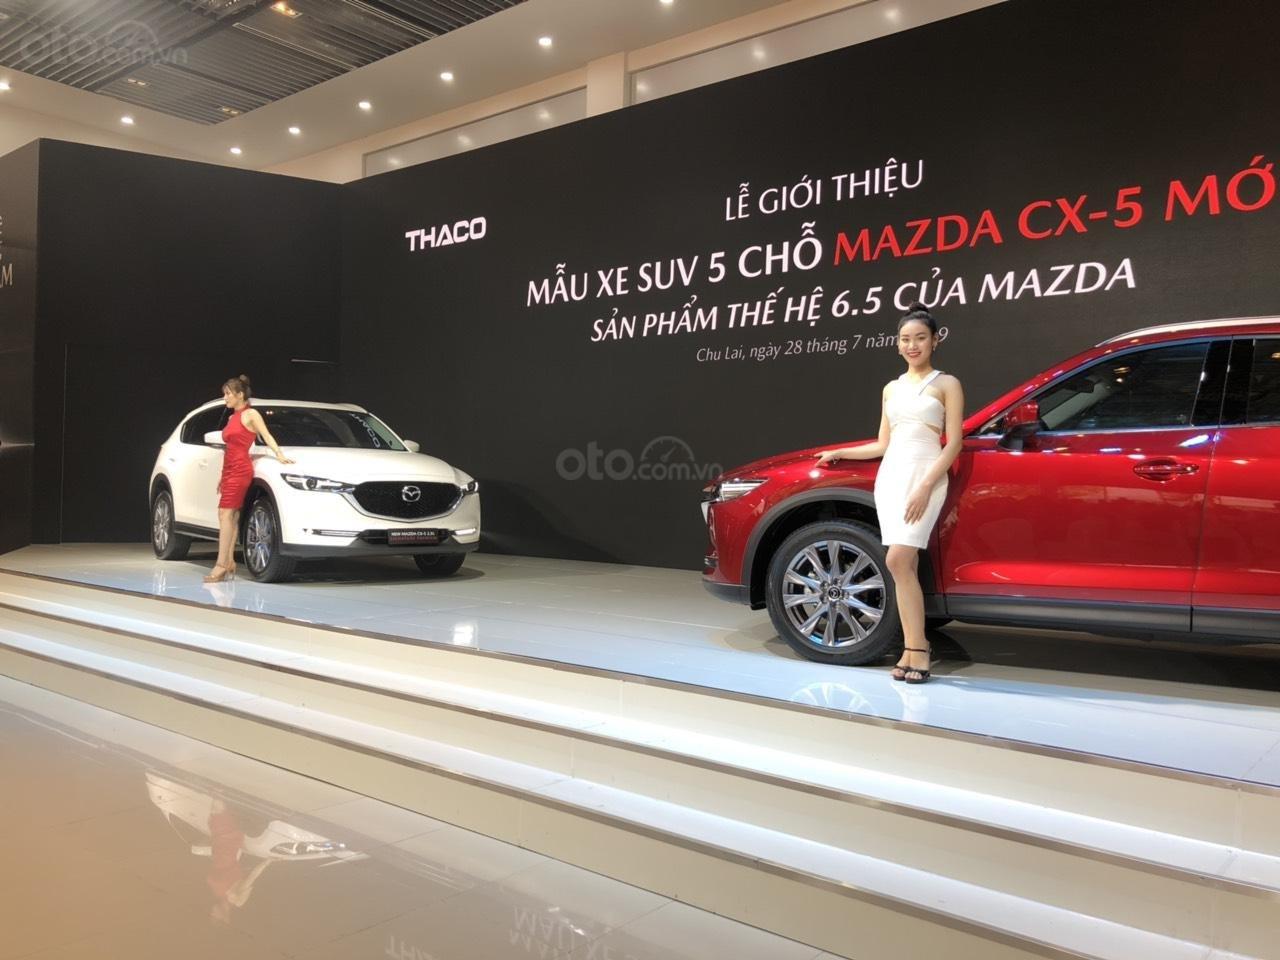 Thông số kỹ thuật xe Mazda CX-5 2020 tại Việt Nam a6